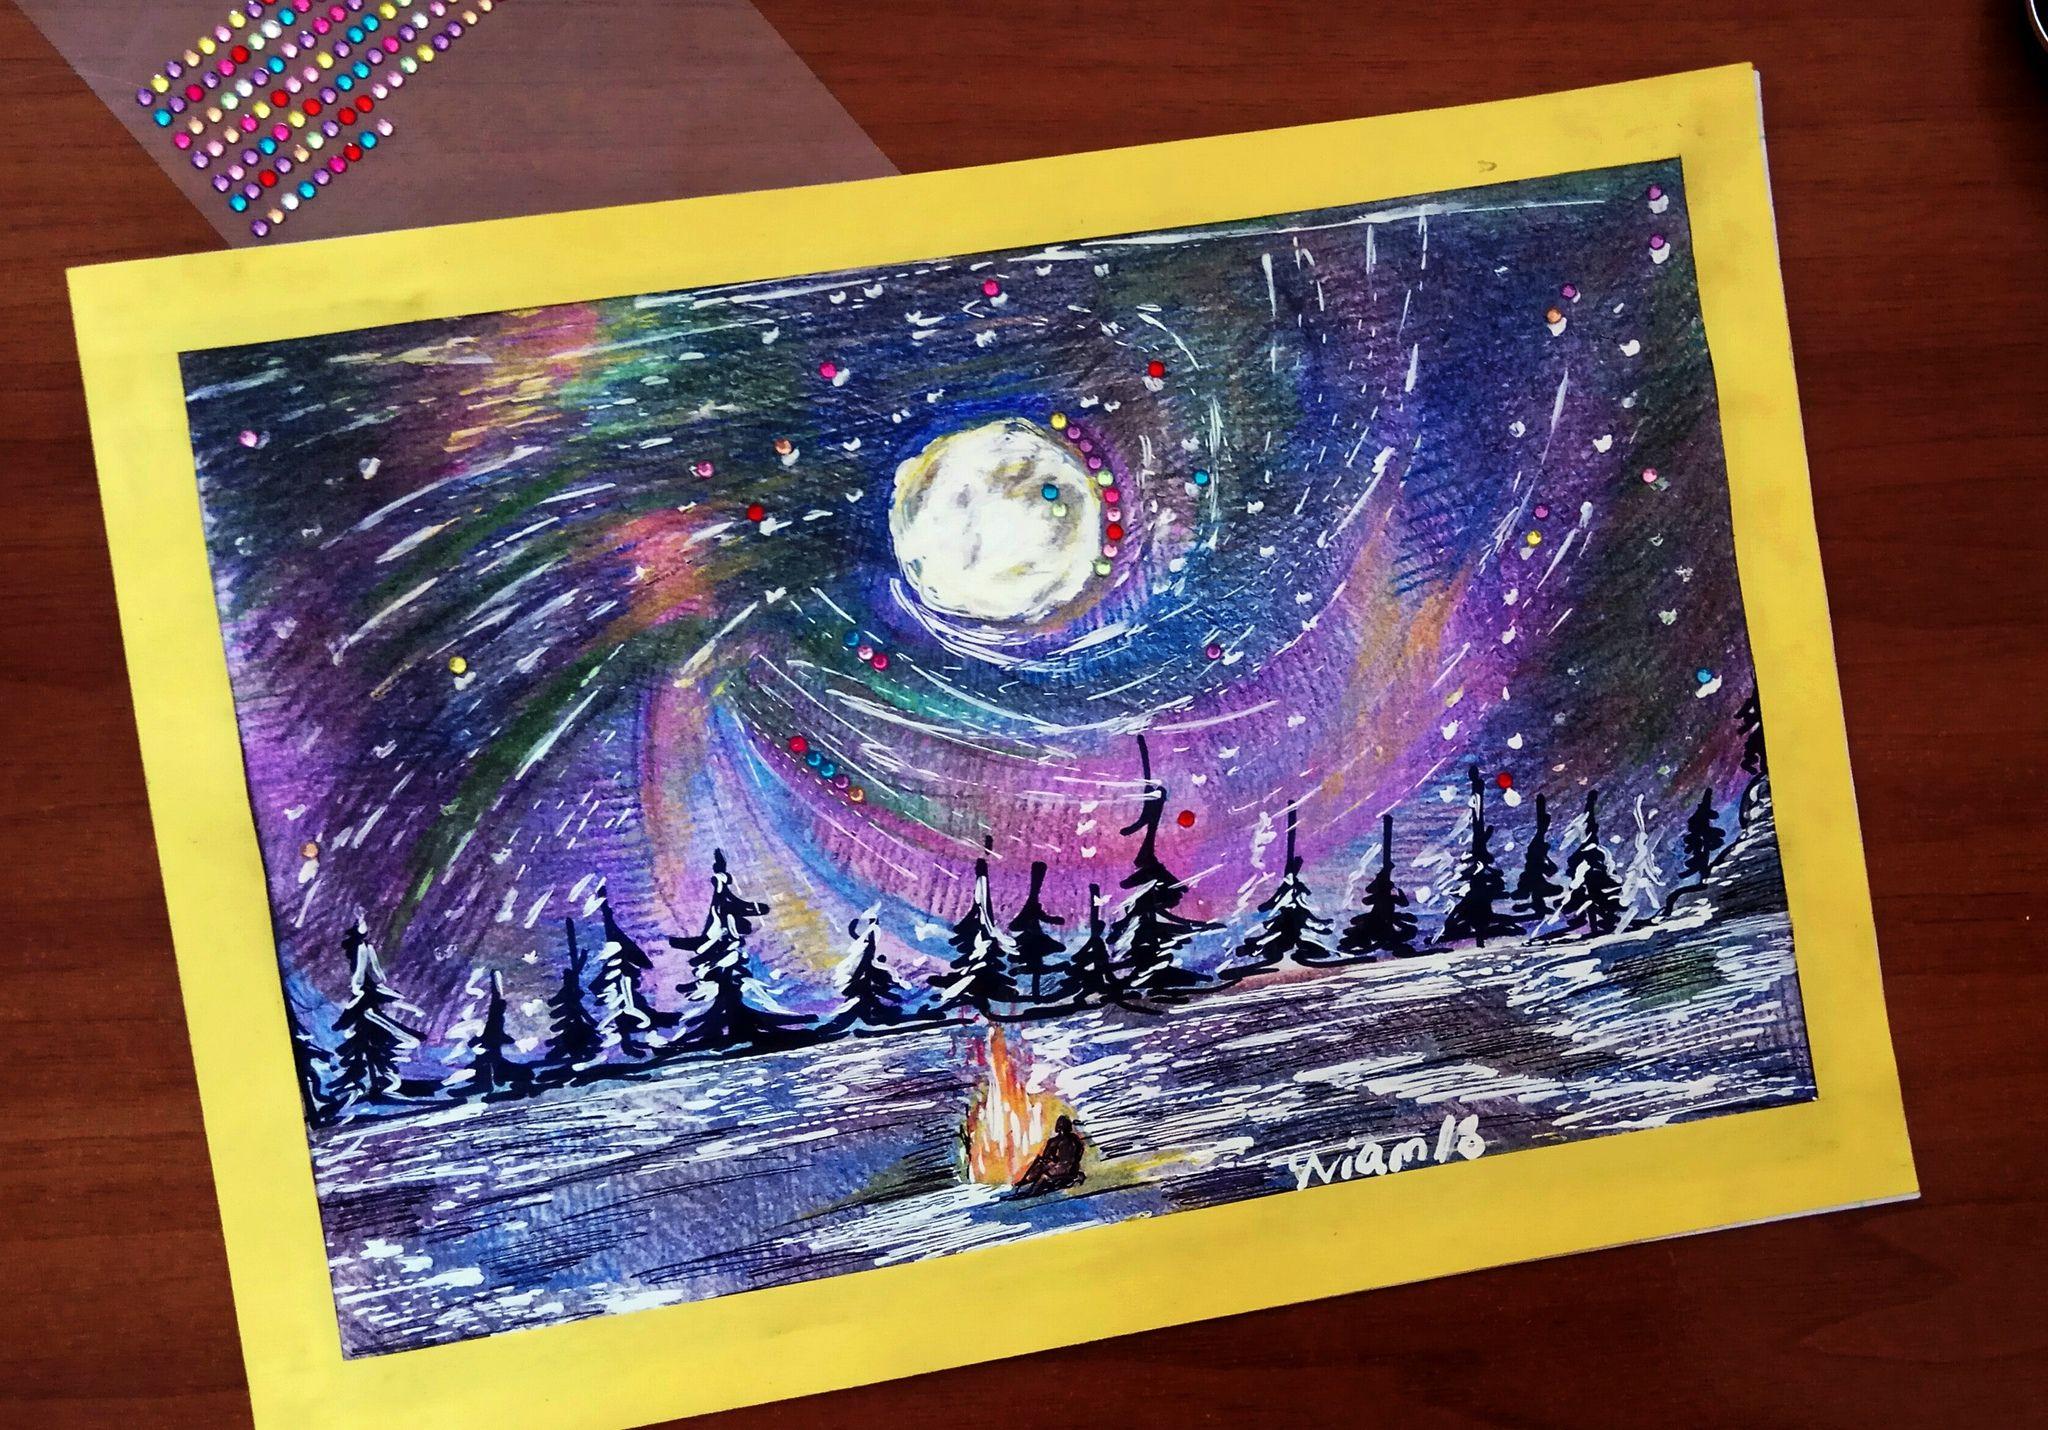 путешествие странник картина небо вселенная рисунок ночь горы звездное карандаши космос цветные